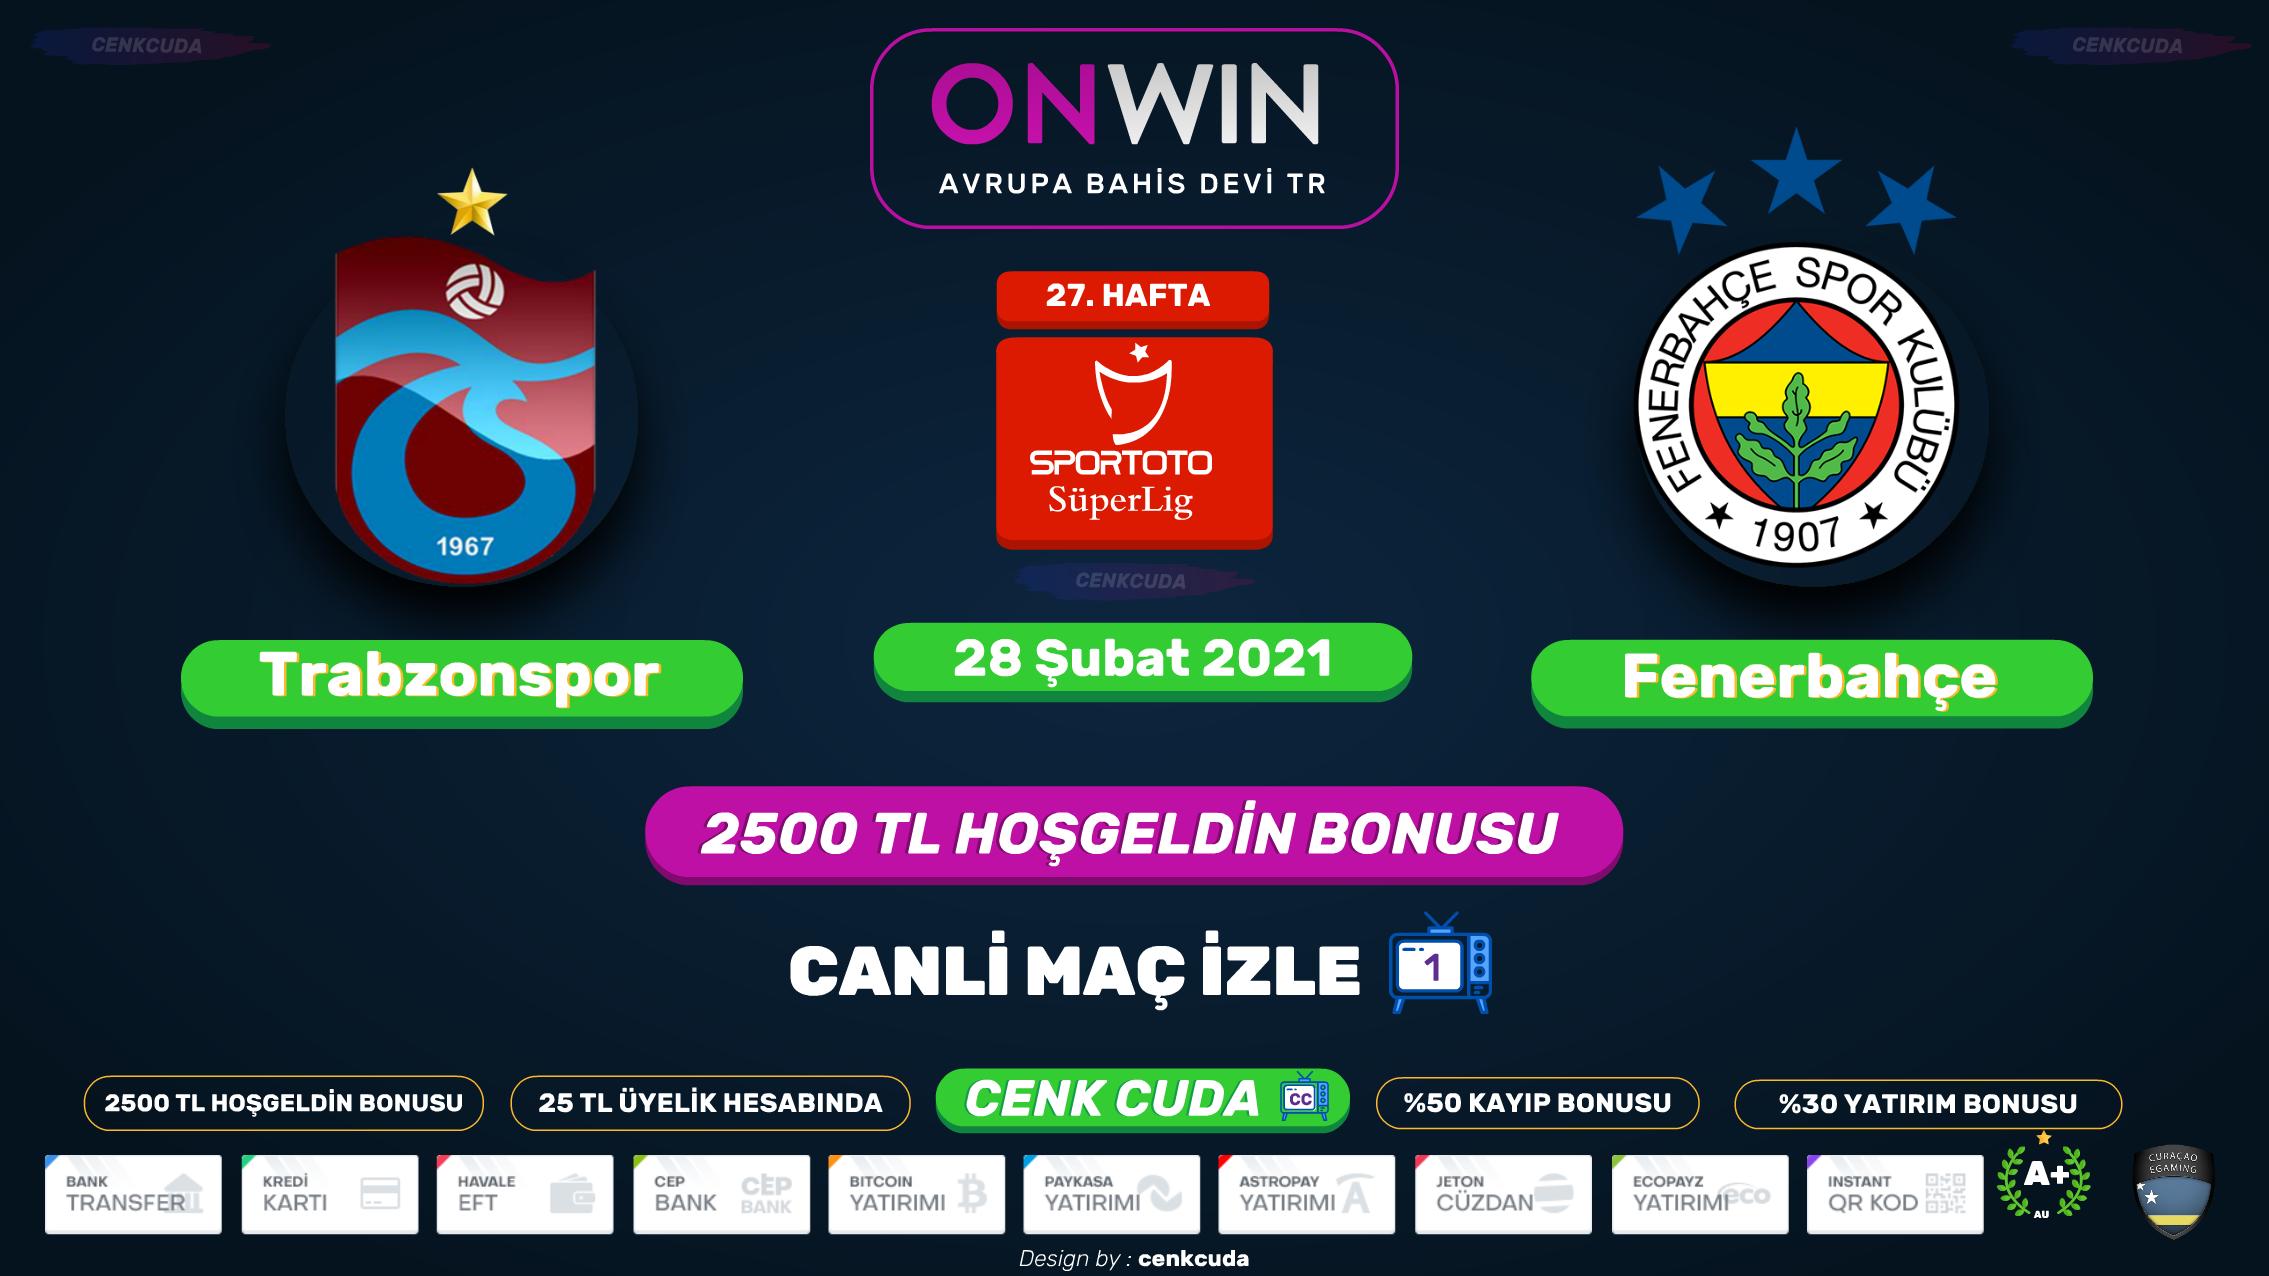 Trabzonspor Fenerbahçe maci izle sifresiz